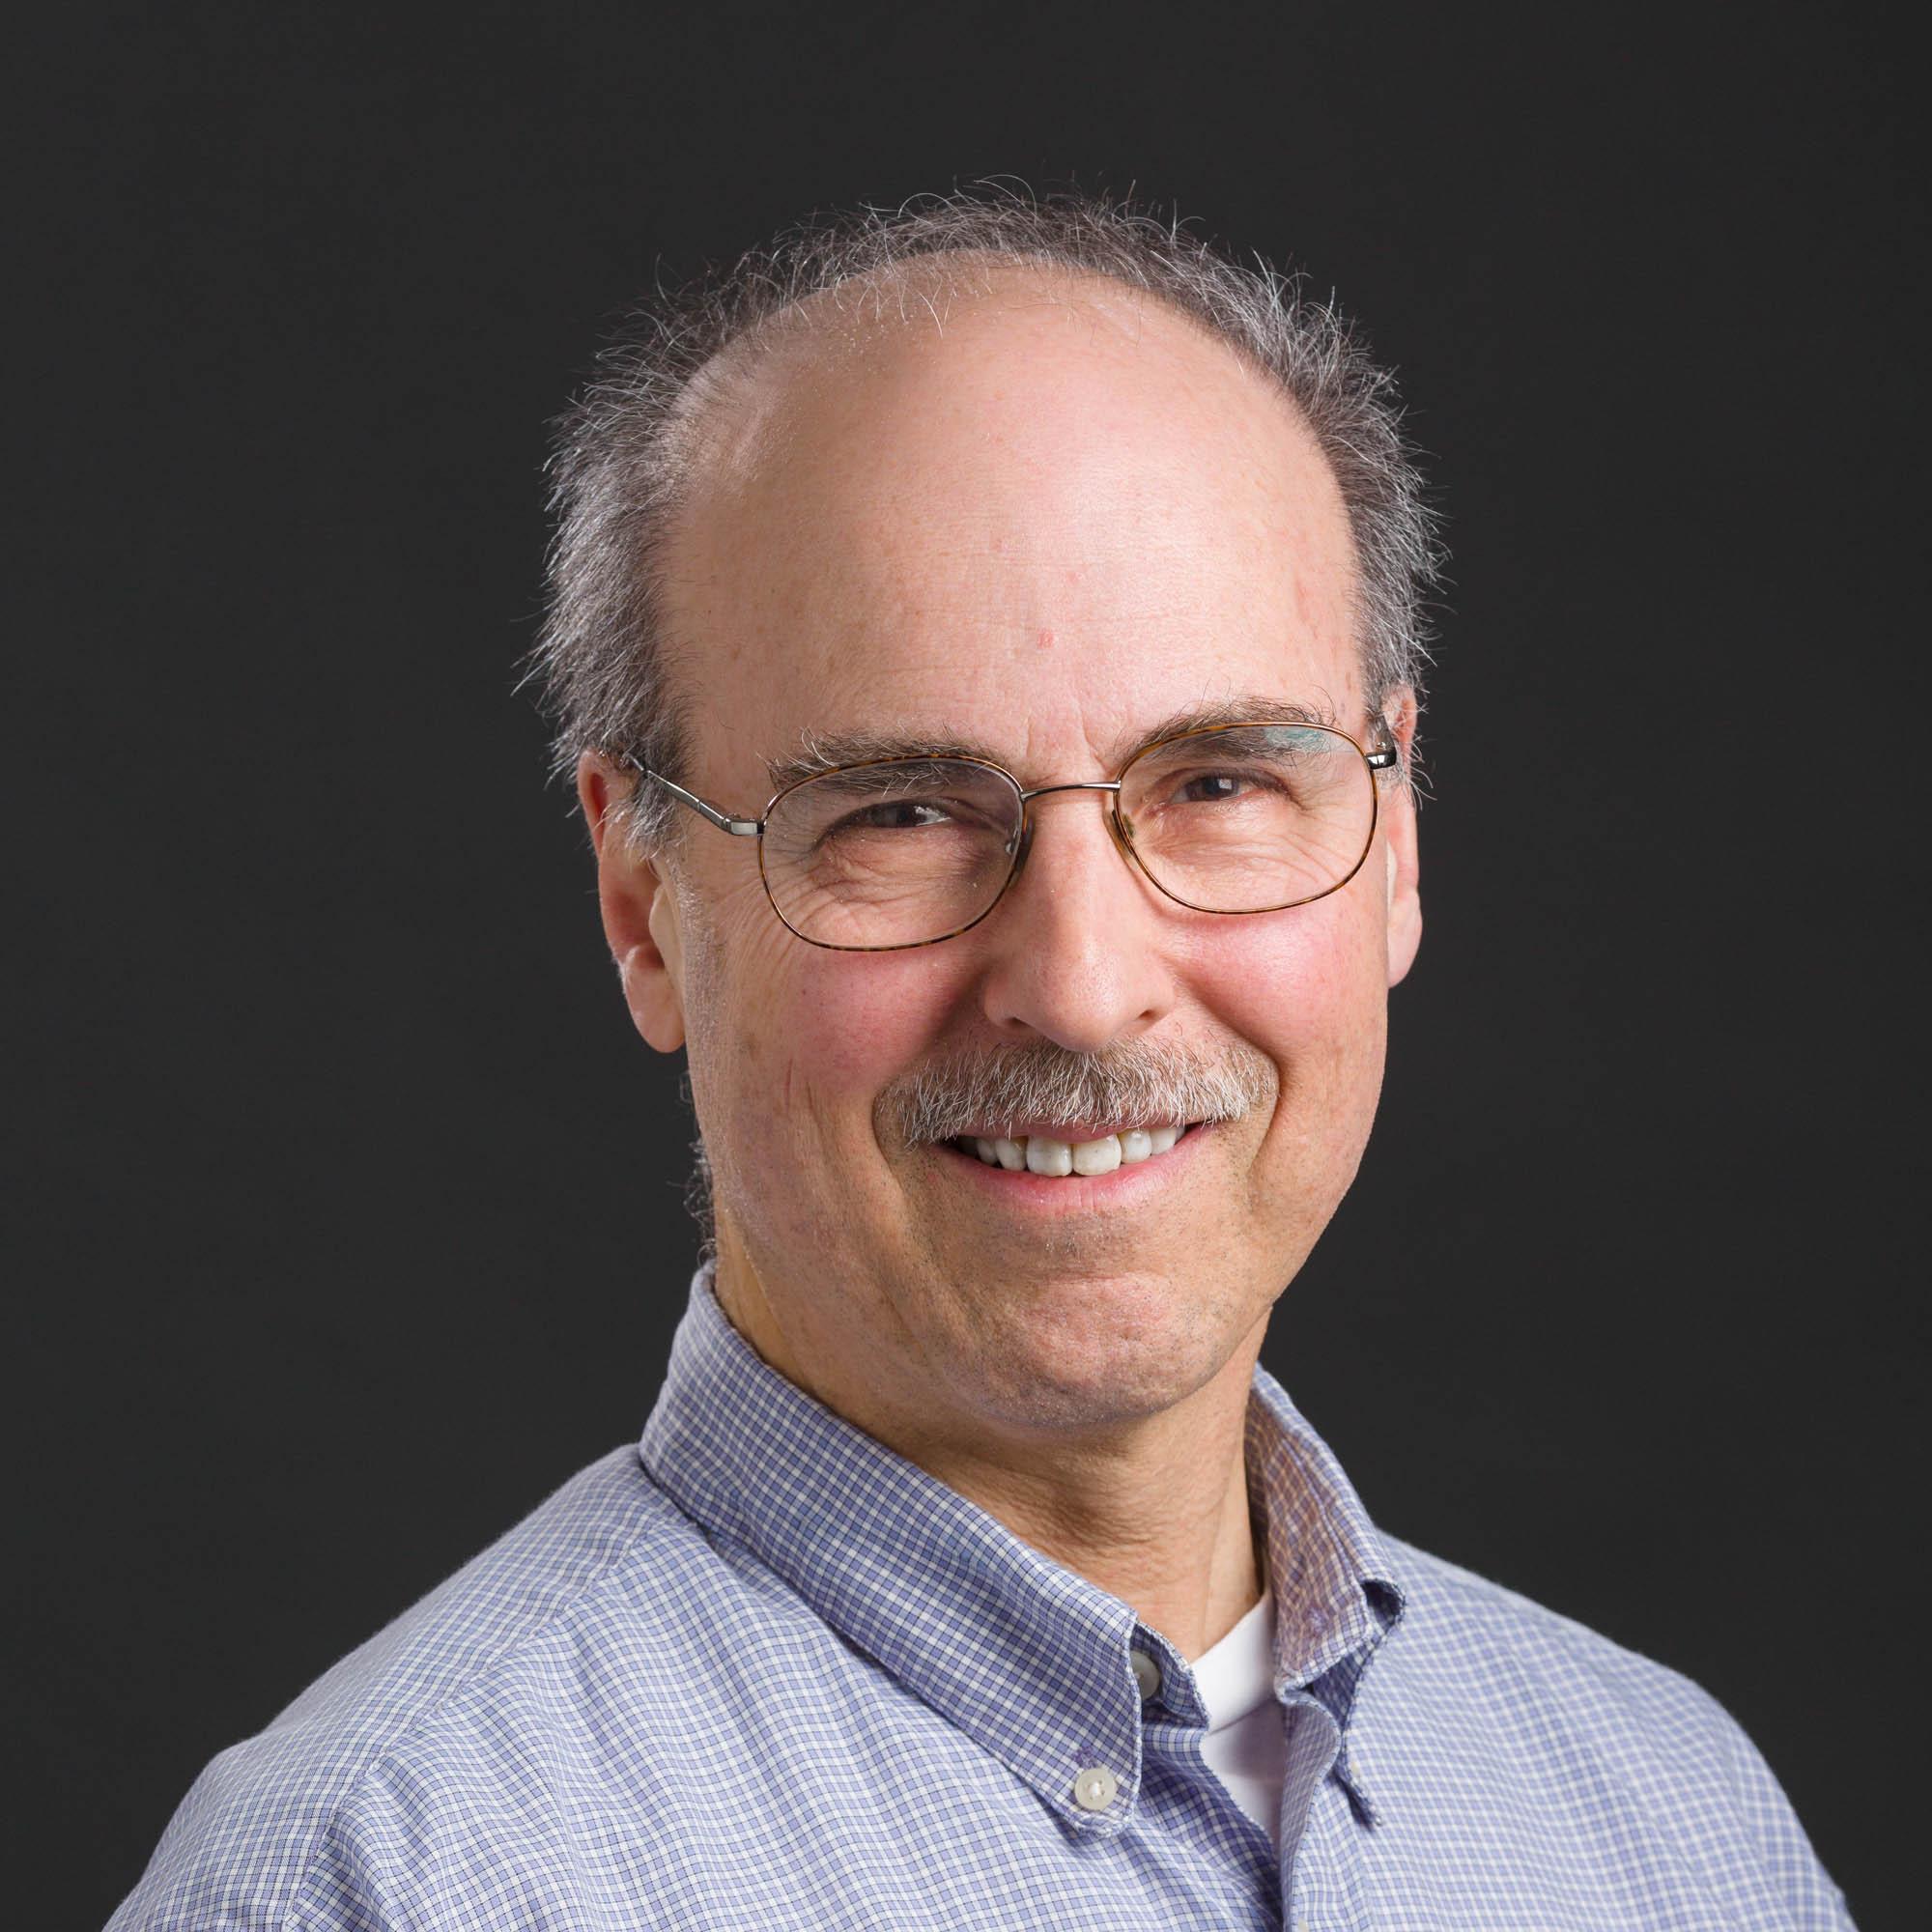 Robert Dubrow